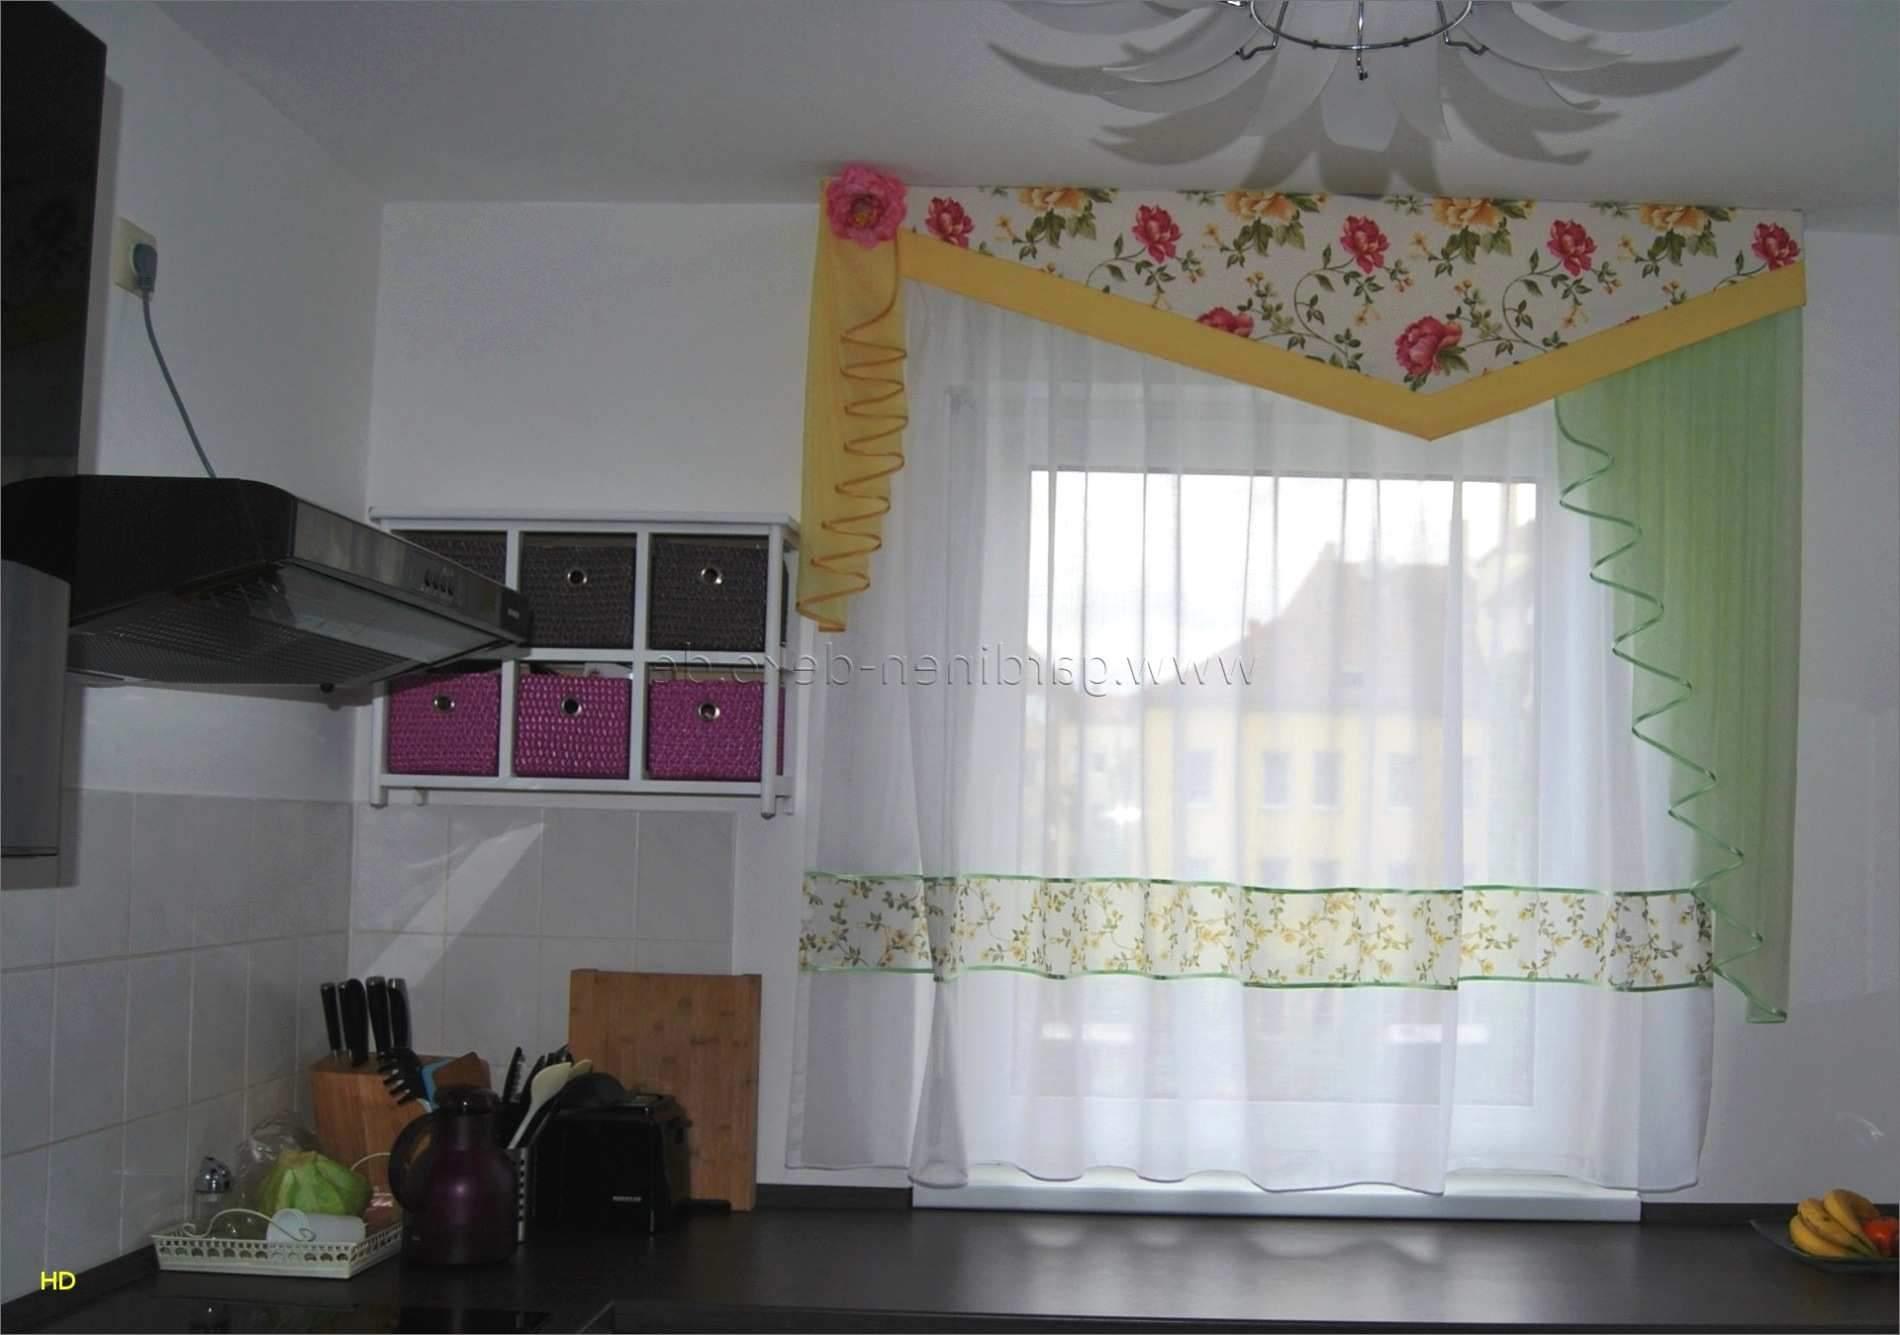 Full Size of Gardinen Stores Für Wohnzimmer Inspirierend Küche Vorhänge Ideen Küche Gardine Küche